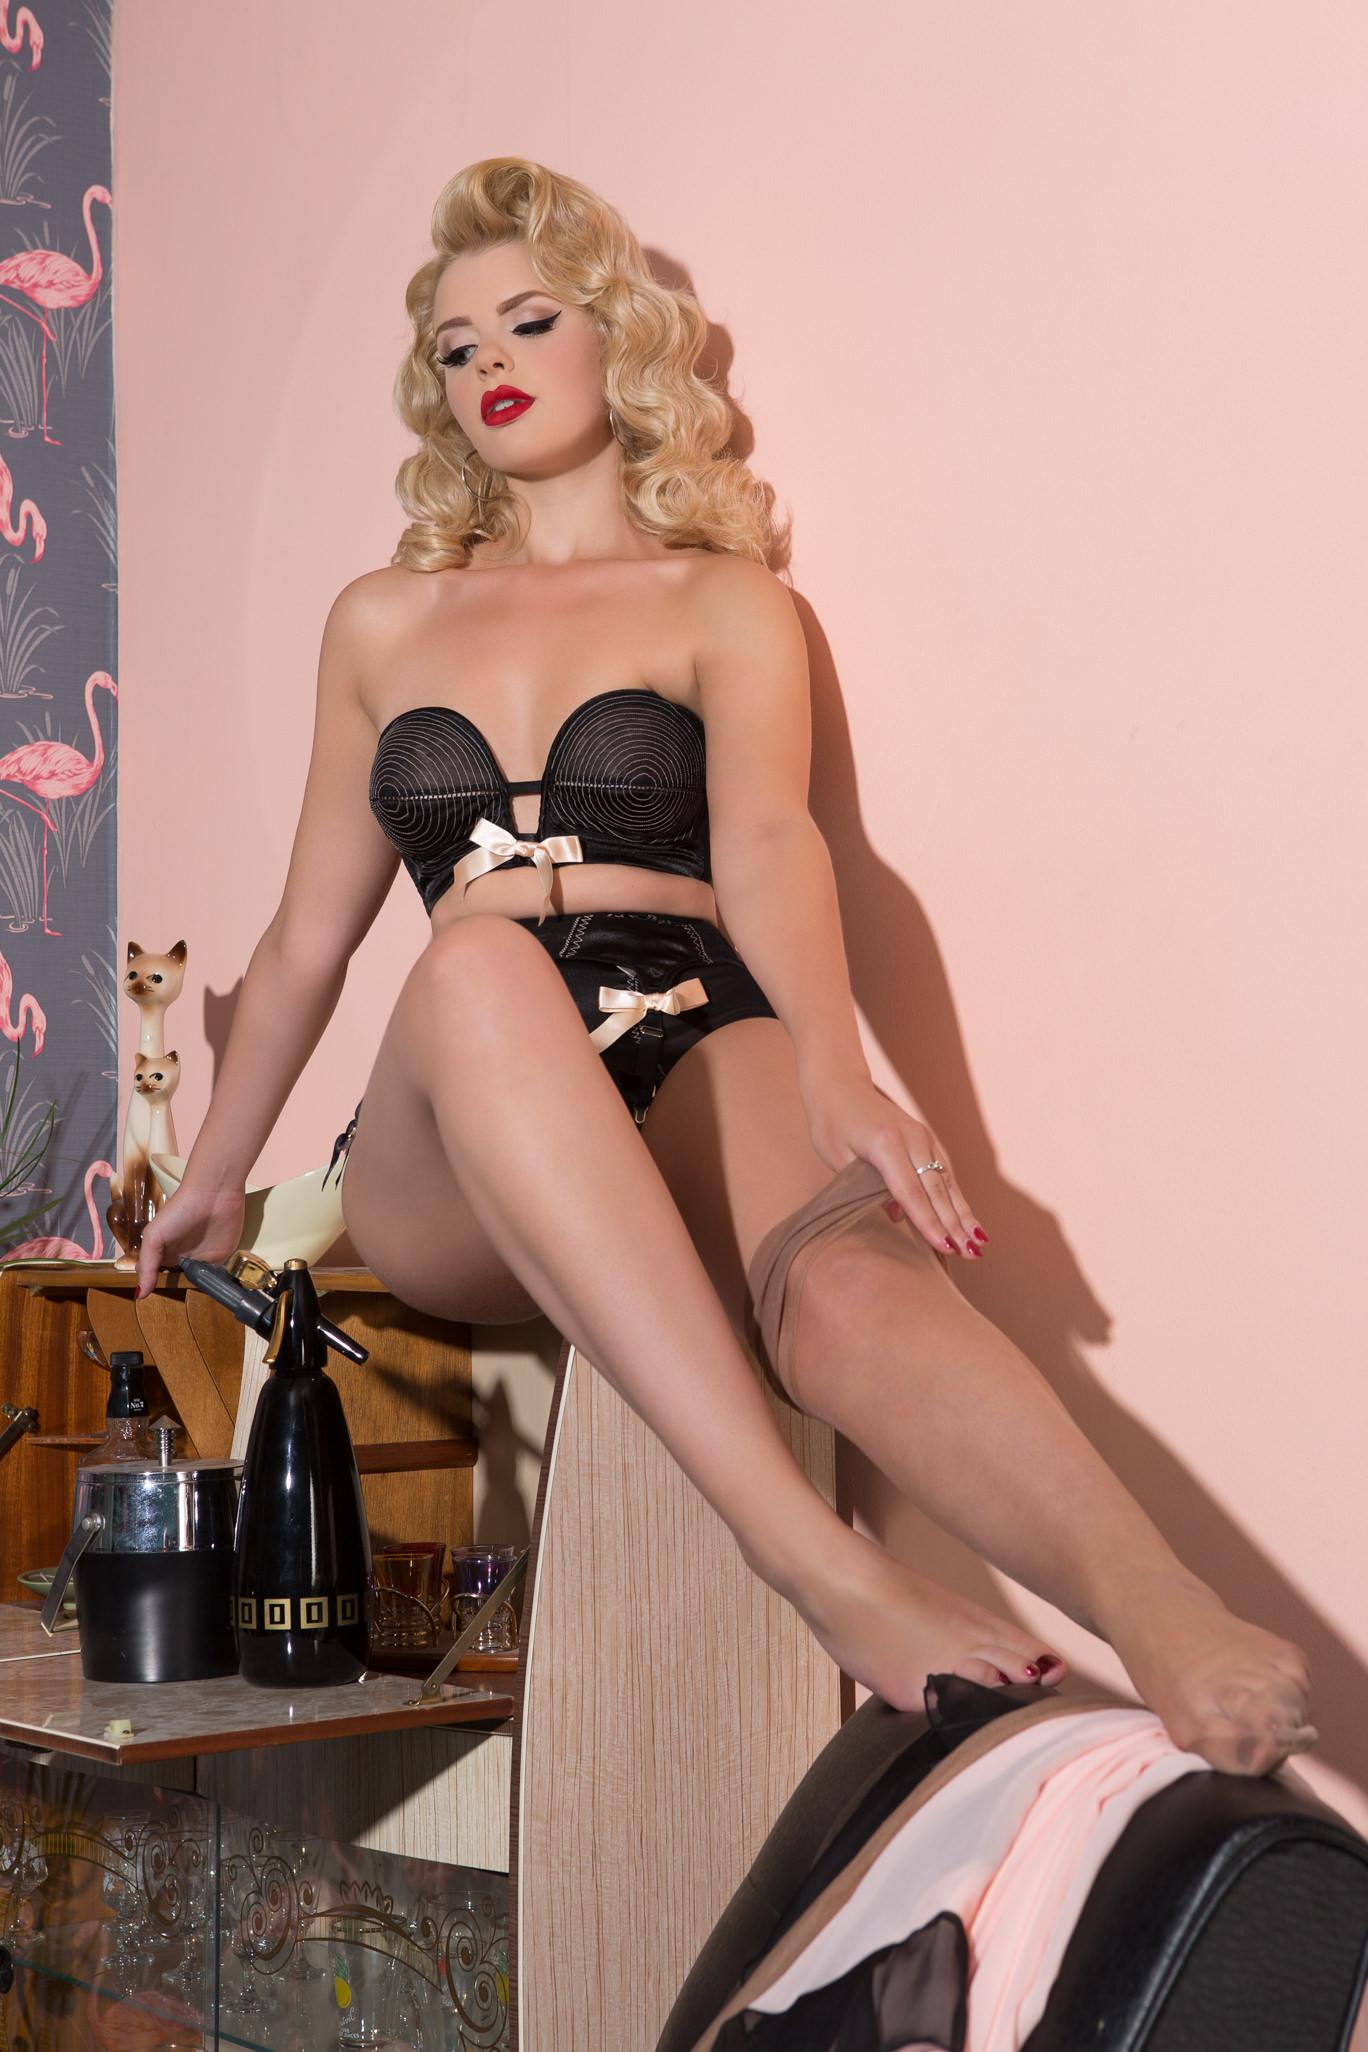 blonde pinup girl removing stockings